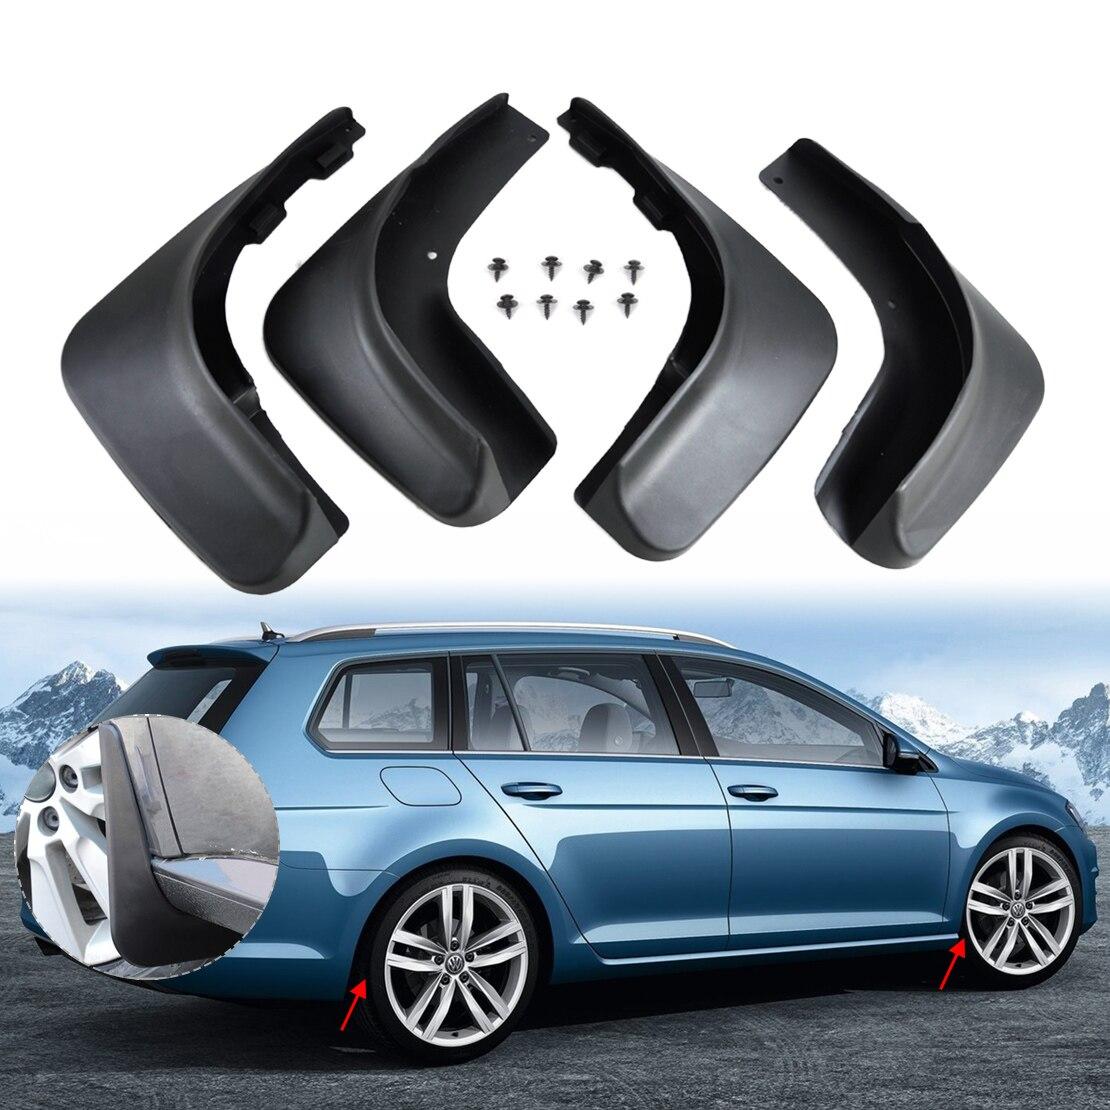 Volkswagen Golf Hatchback Review 2009 2012: Beler 4pcs/set ABS Plastic Mud Flaps Splash Guards